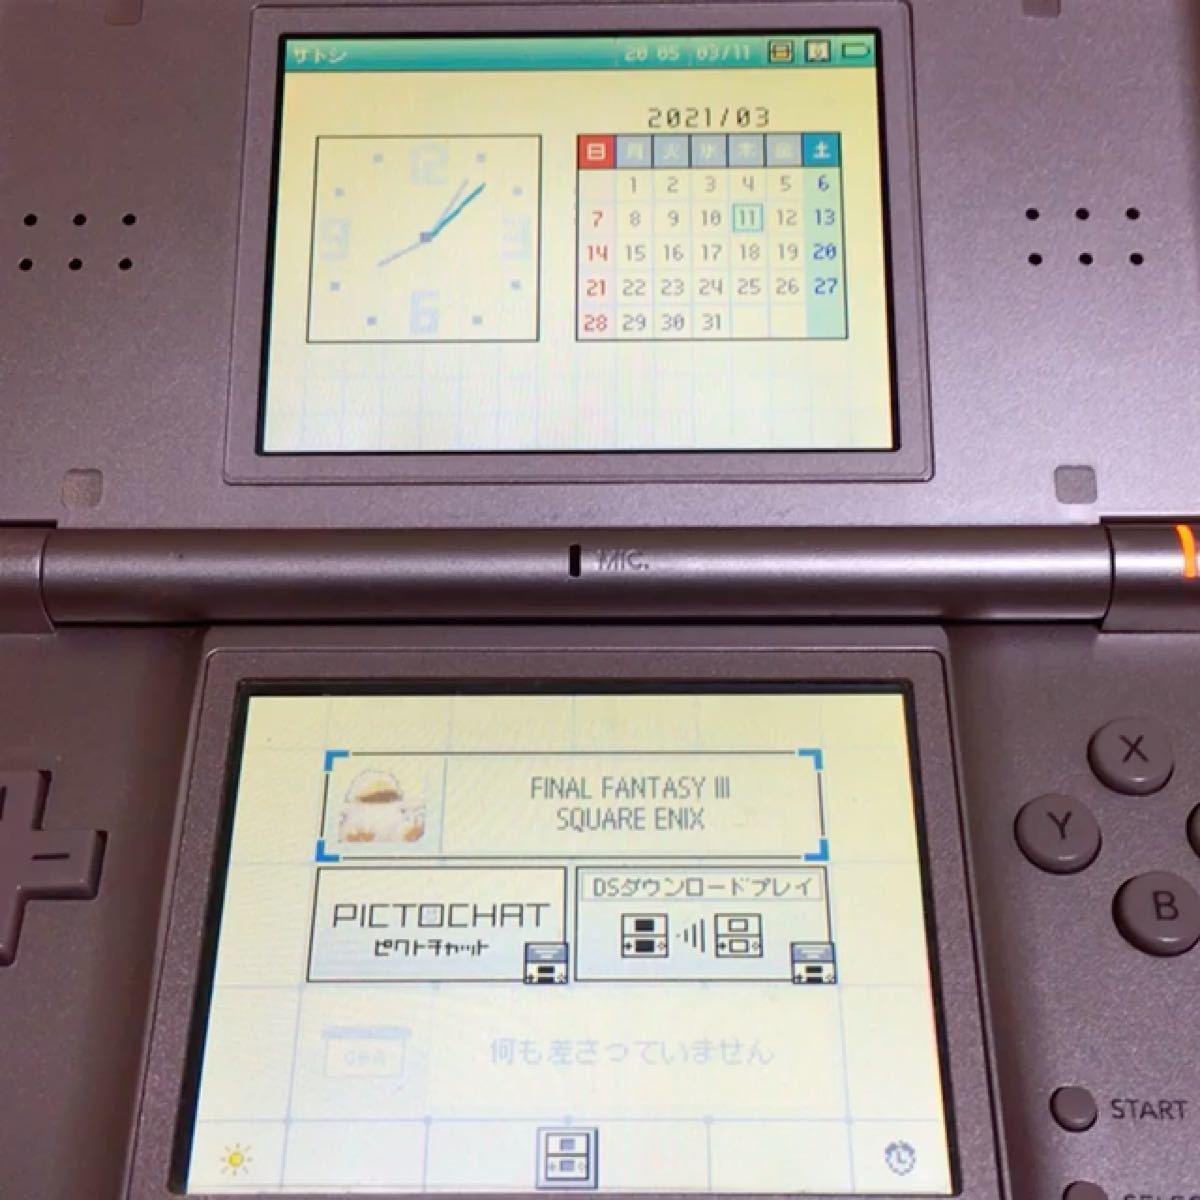 DSソフト ファイナルファンタジー3